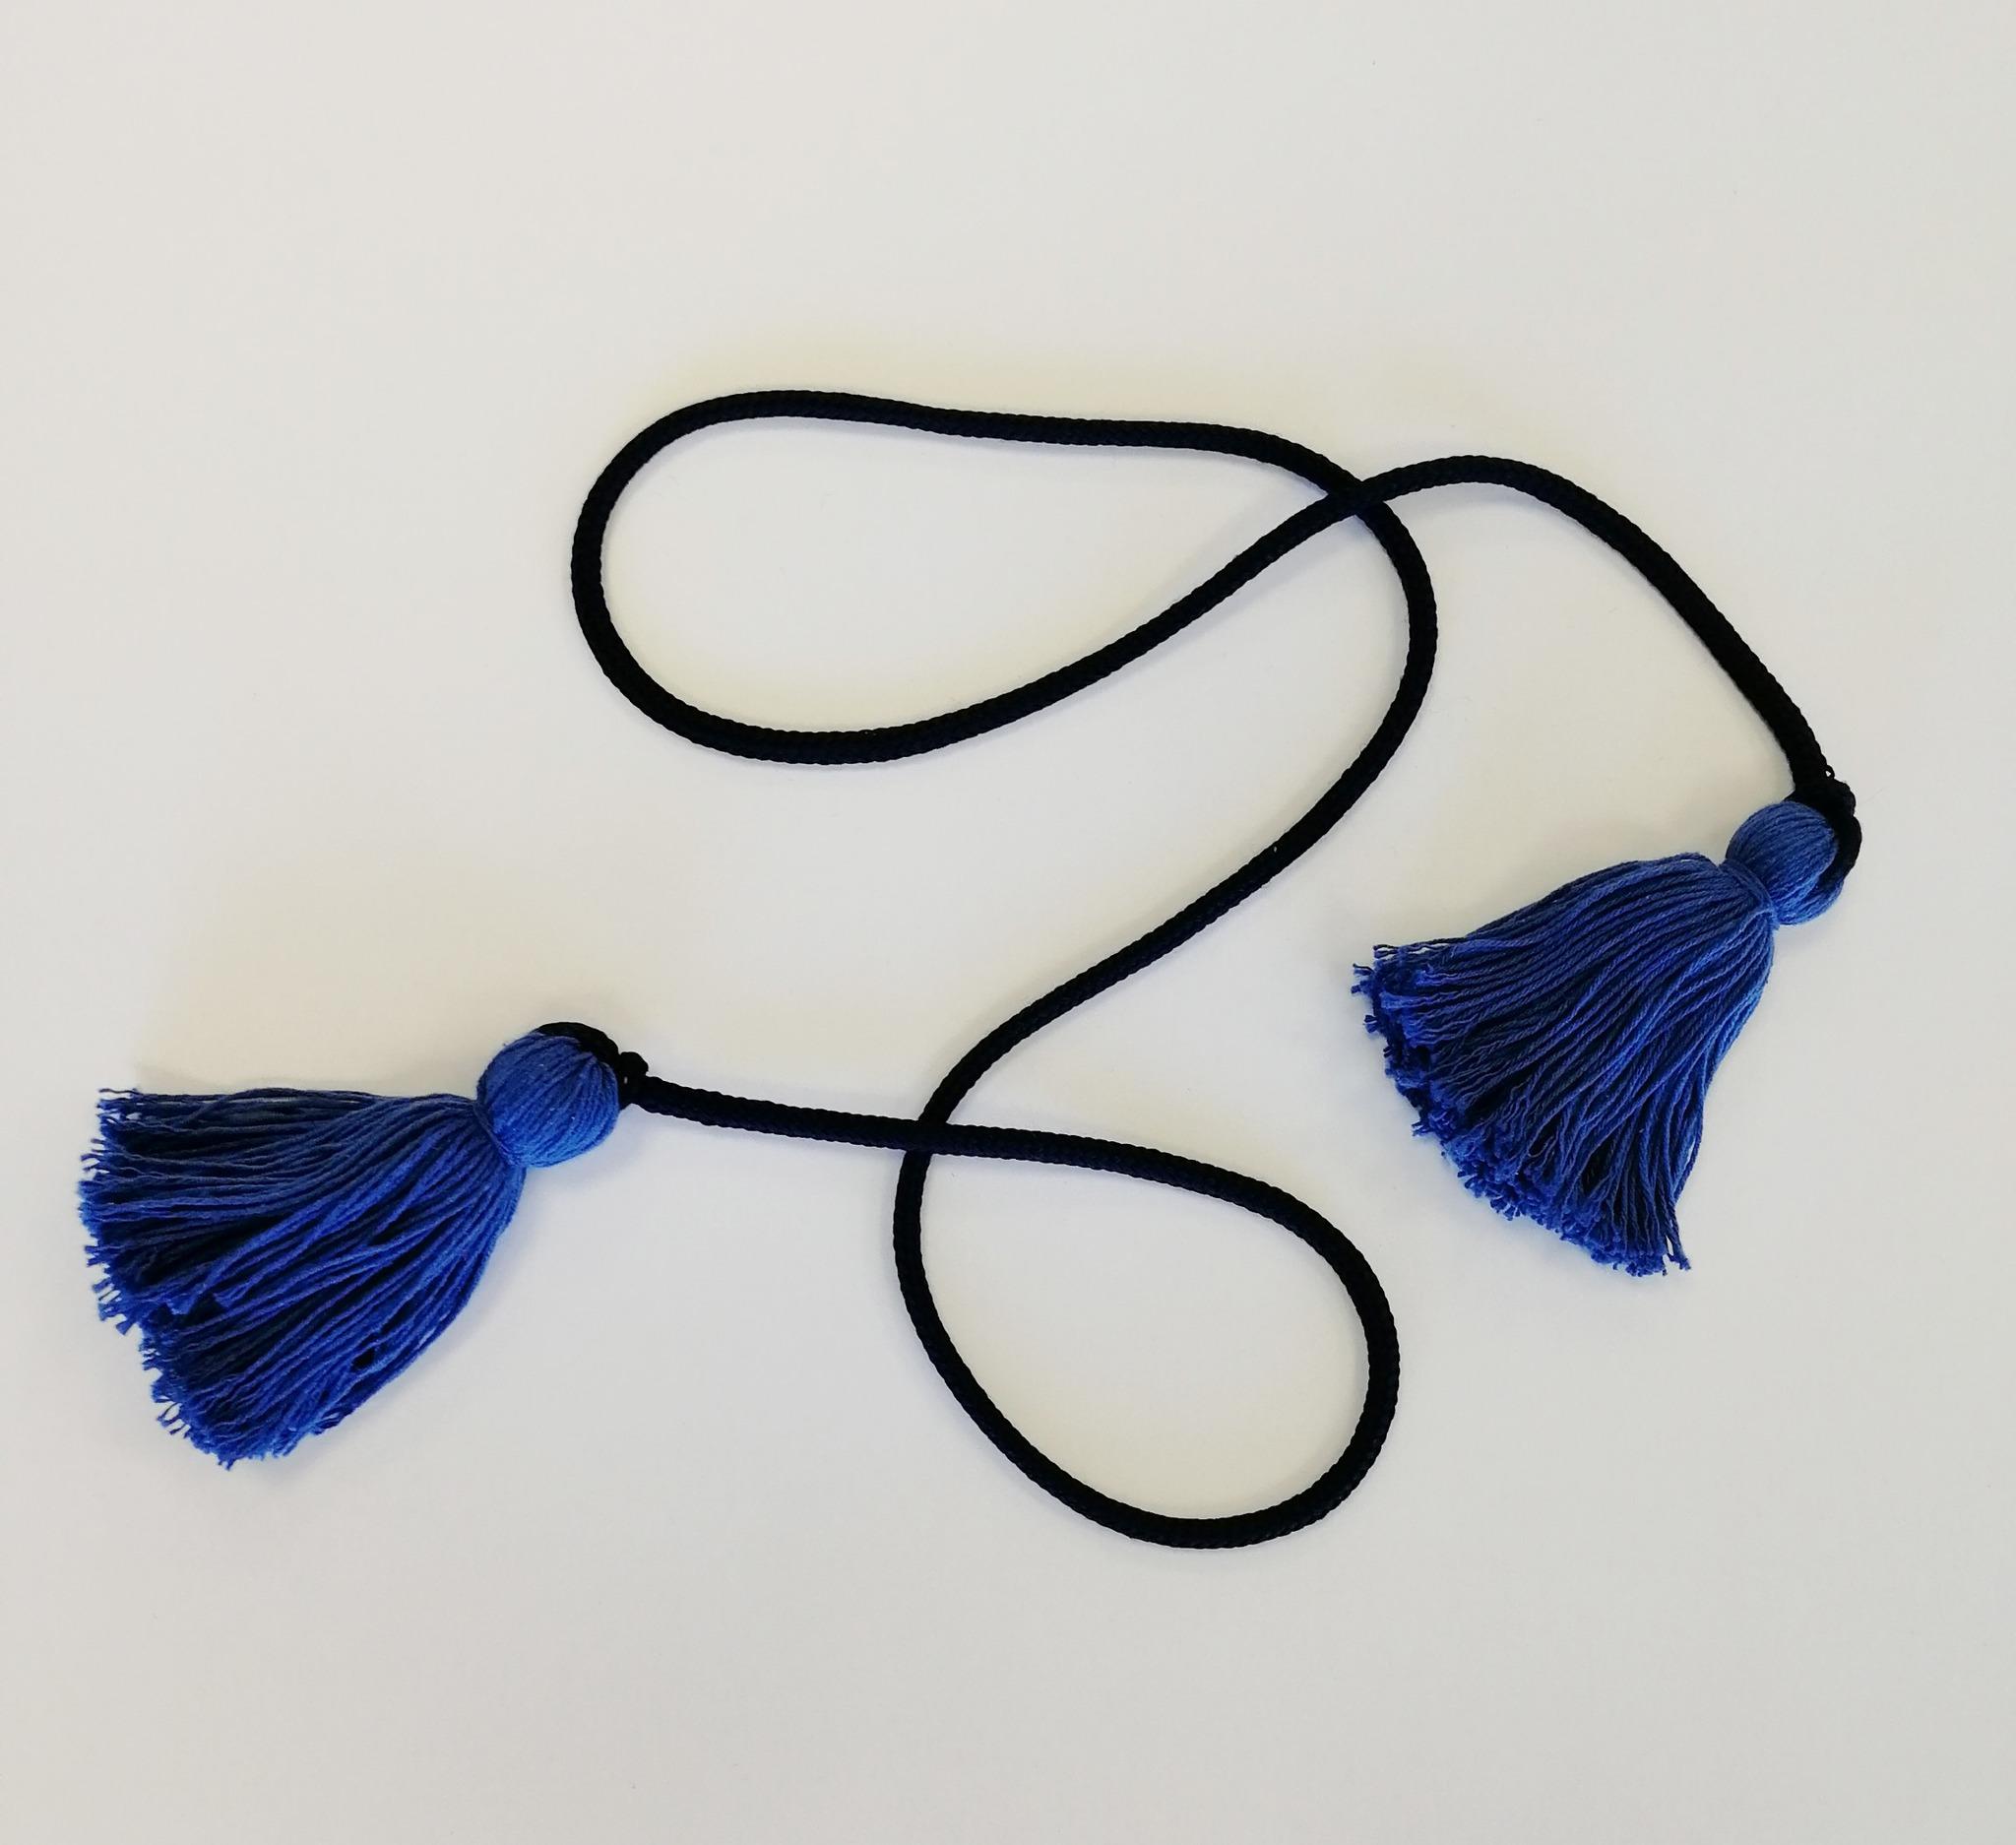 Пояс шнур с кисточками сверху